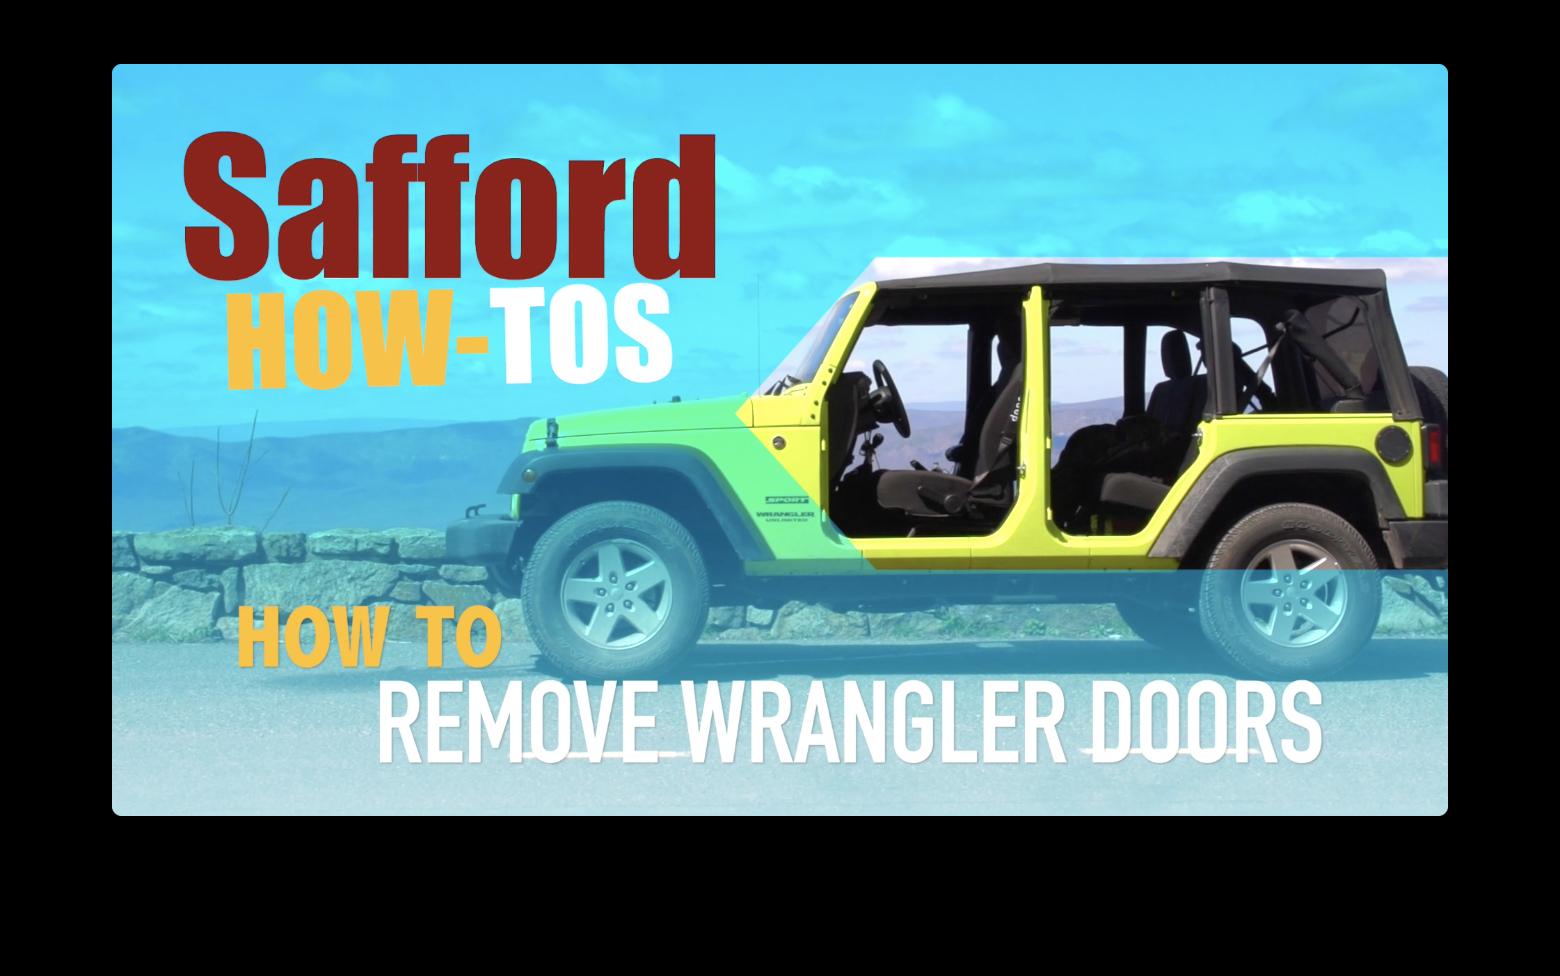 How to Remove Wrangler Doors